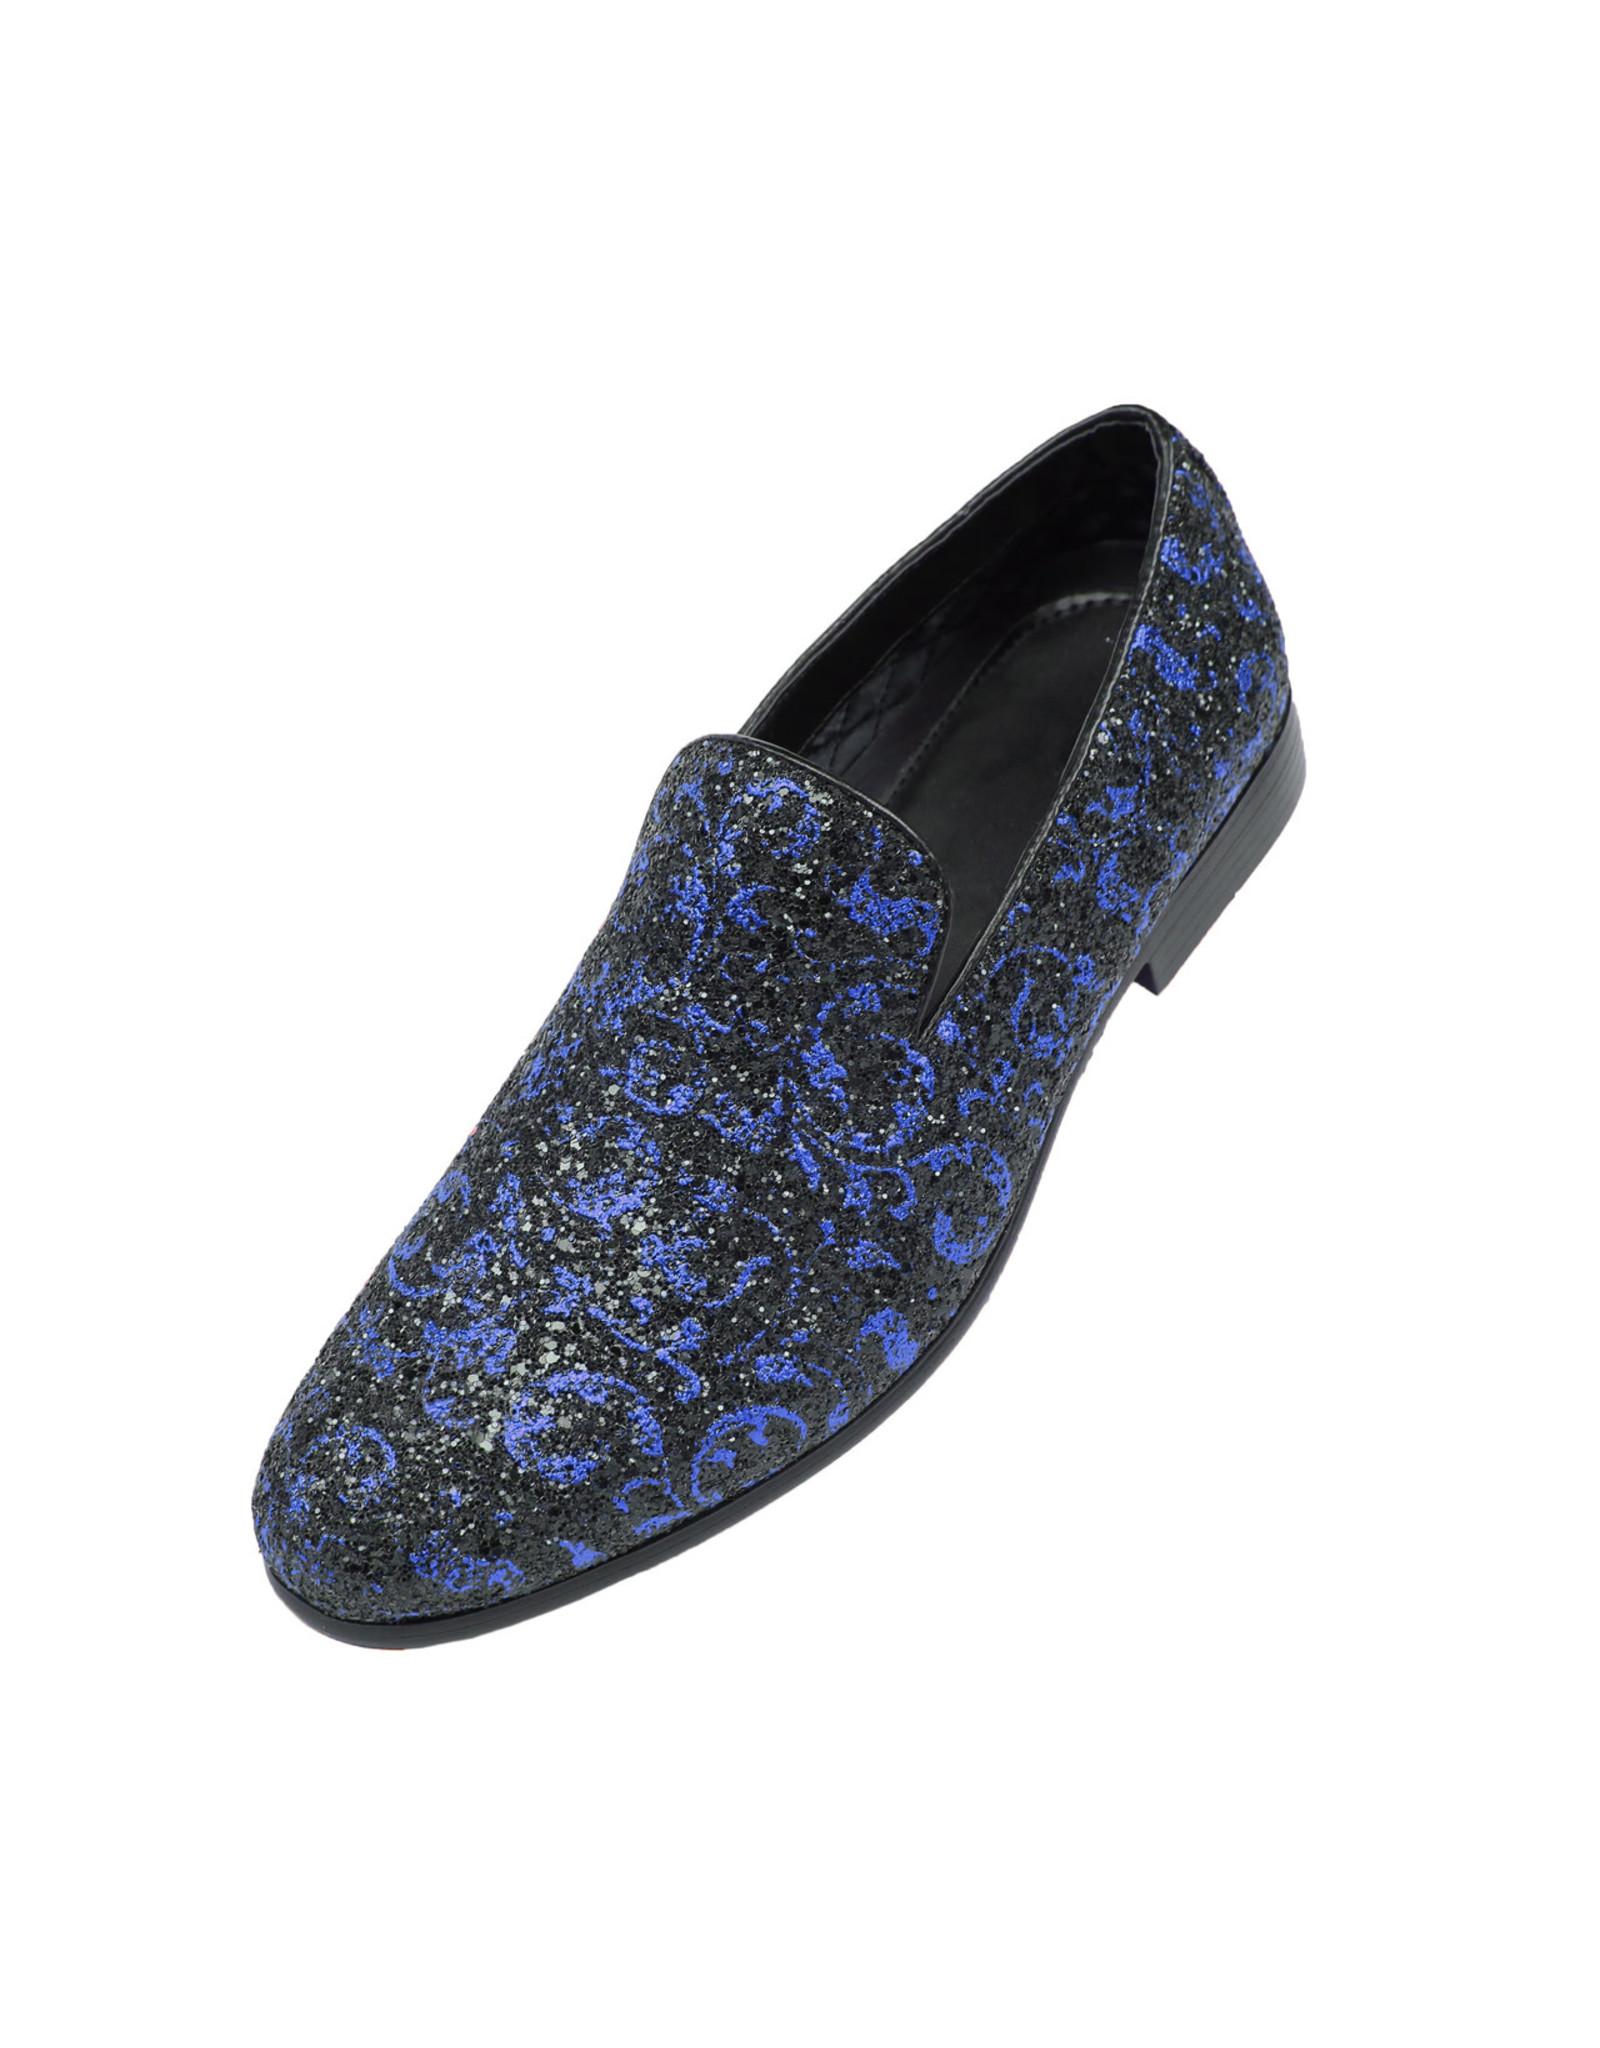 Amali Amali Erin Formal Shoe - Royal/Black